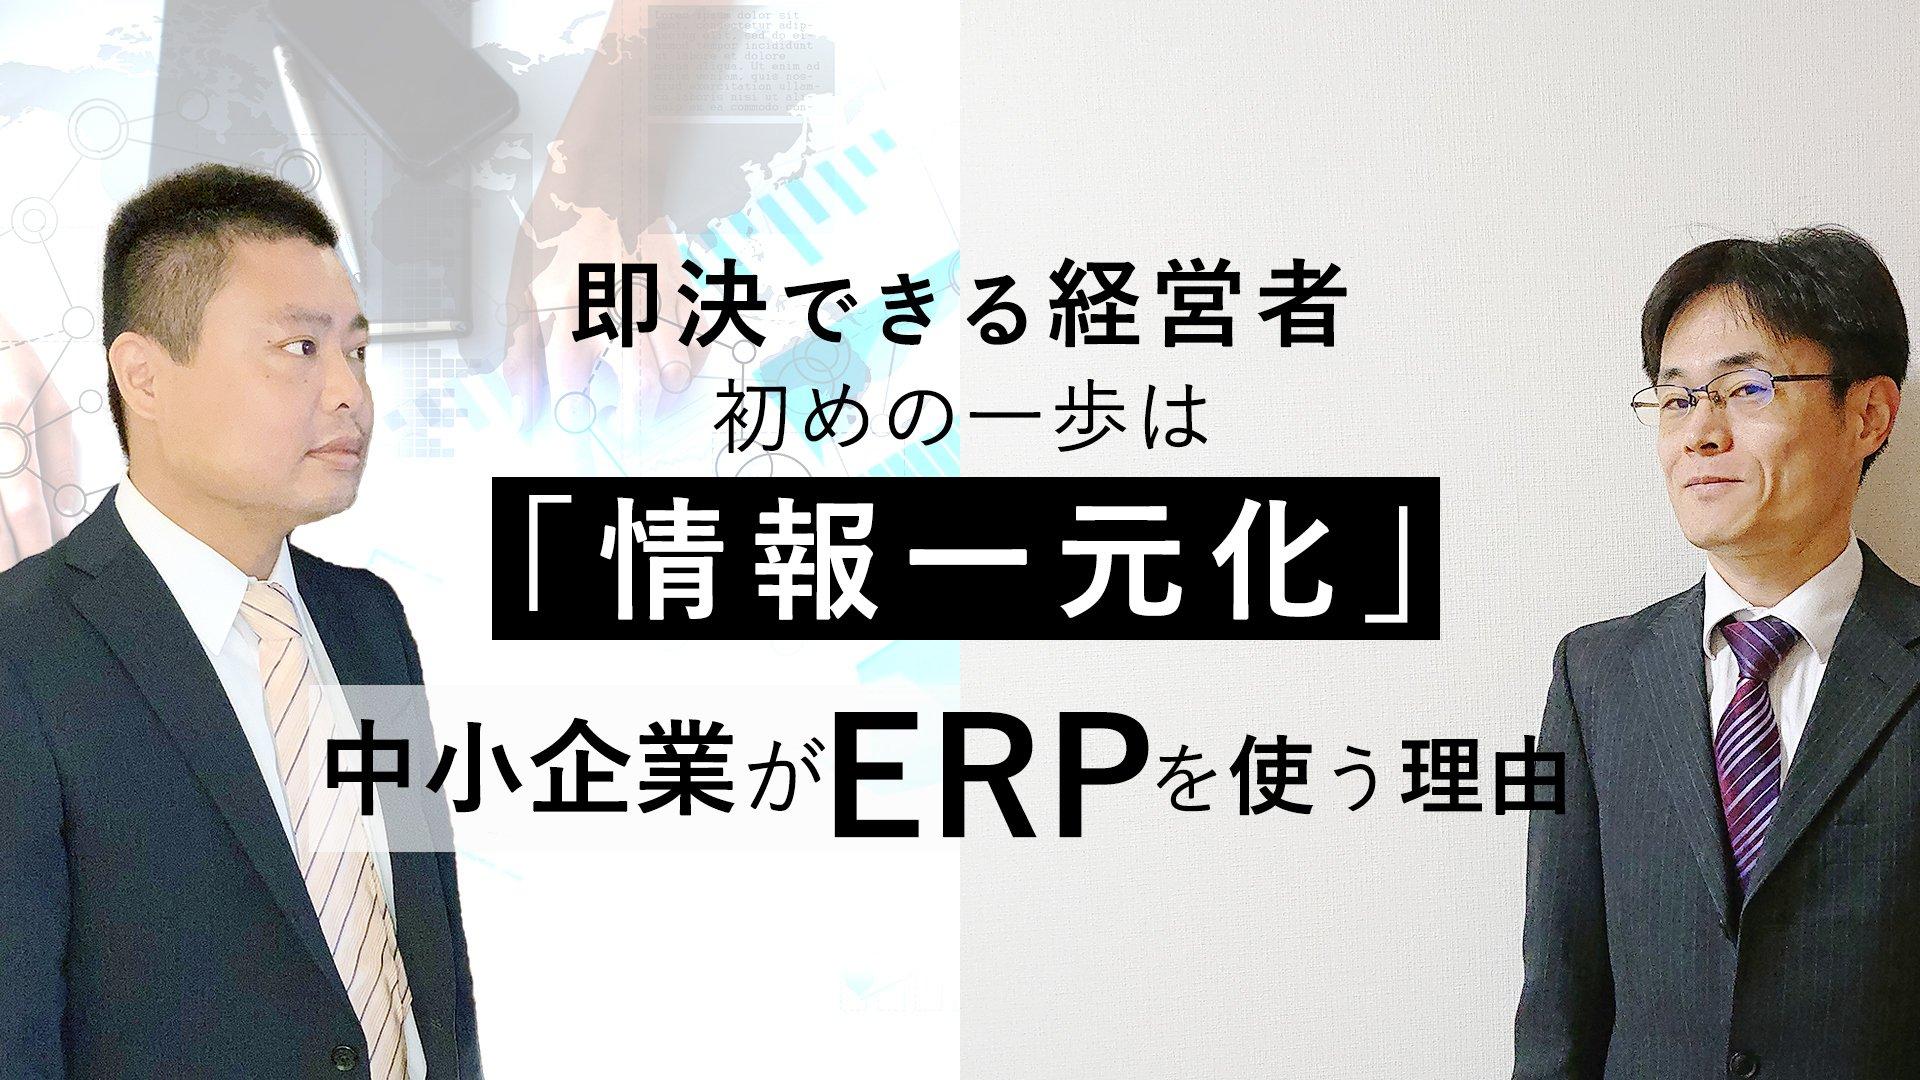 即決できる経営者、初めの一歩は「情報一元化」!中小企業がERPを使う理由